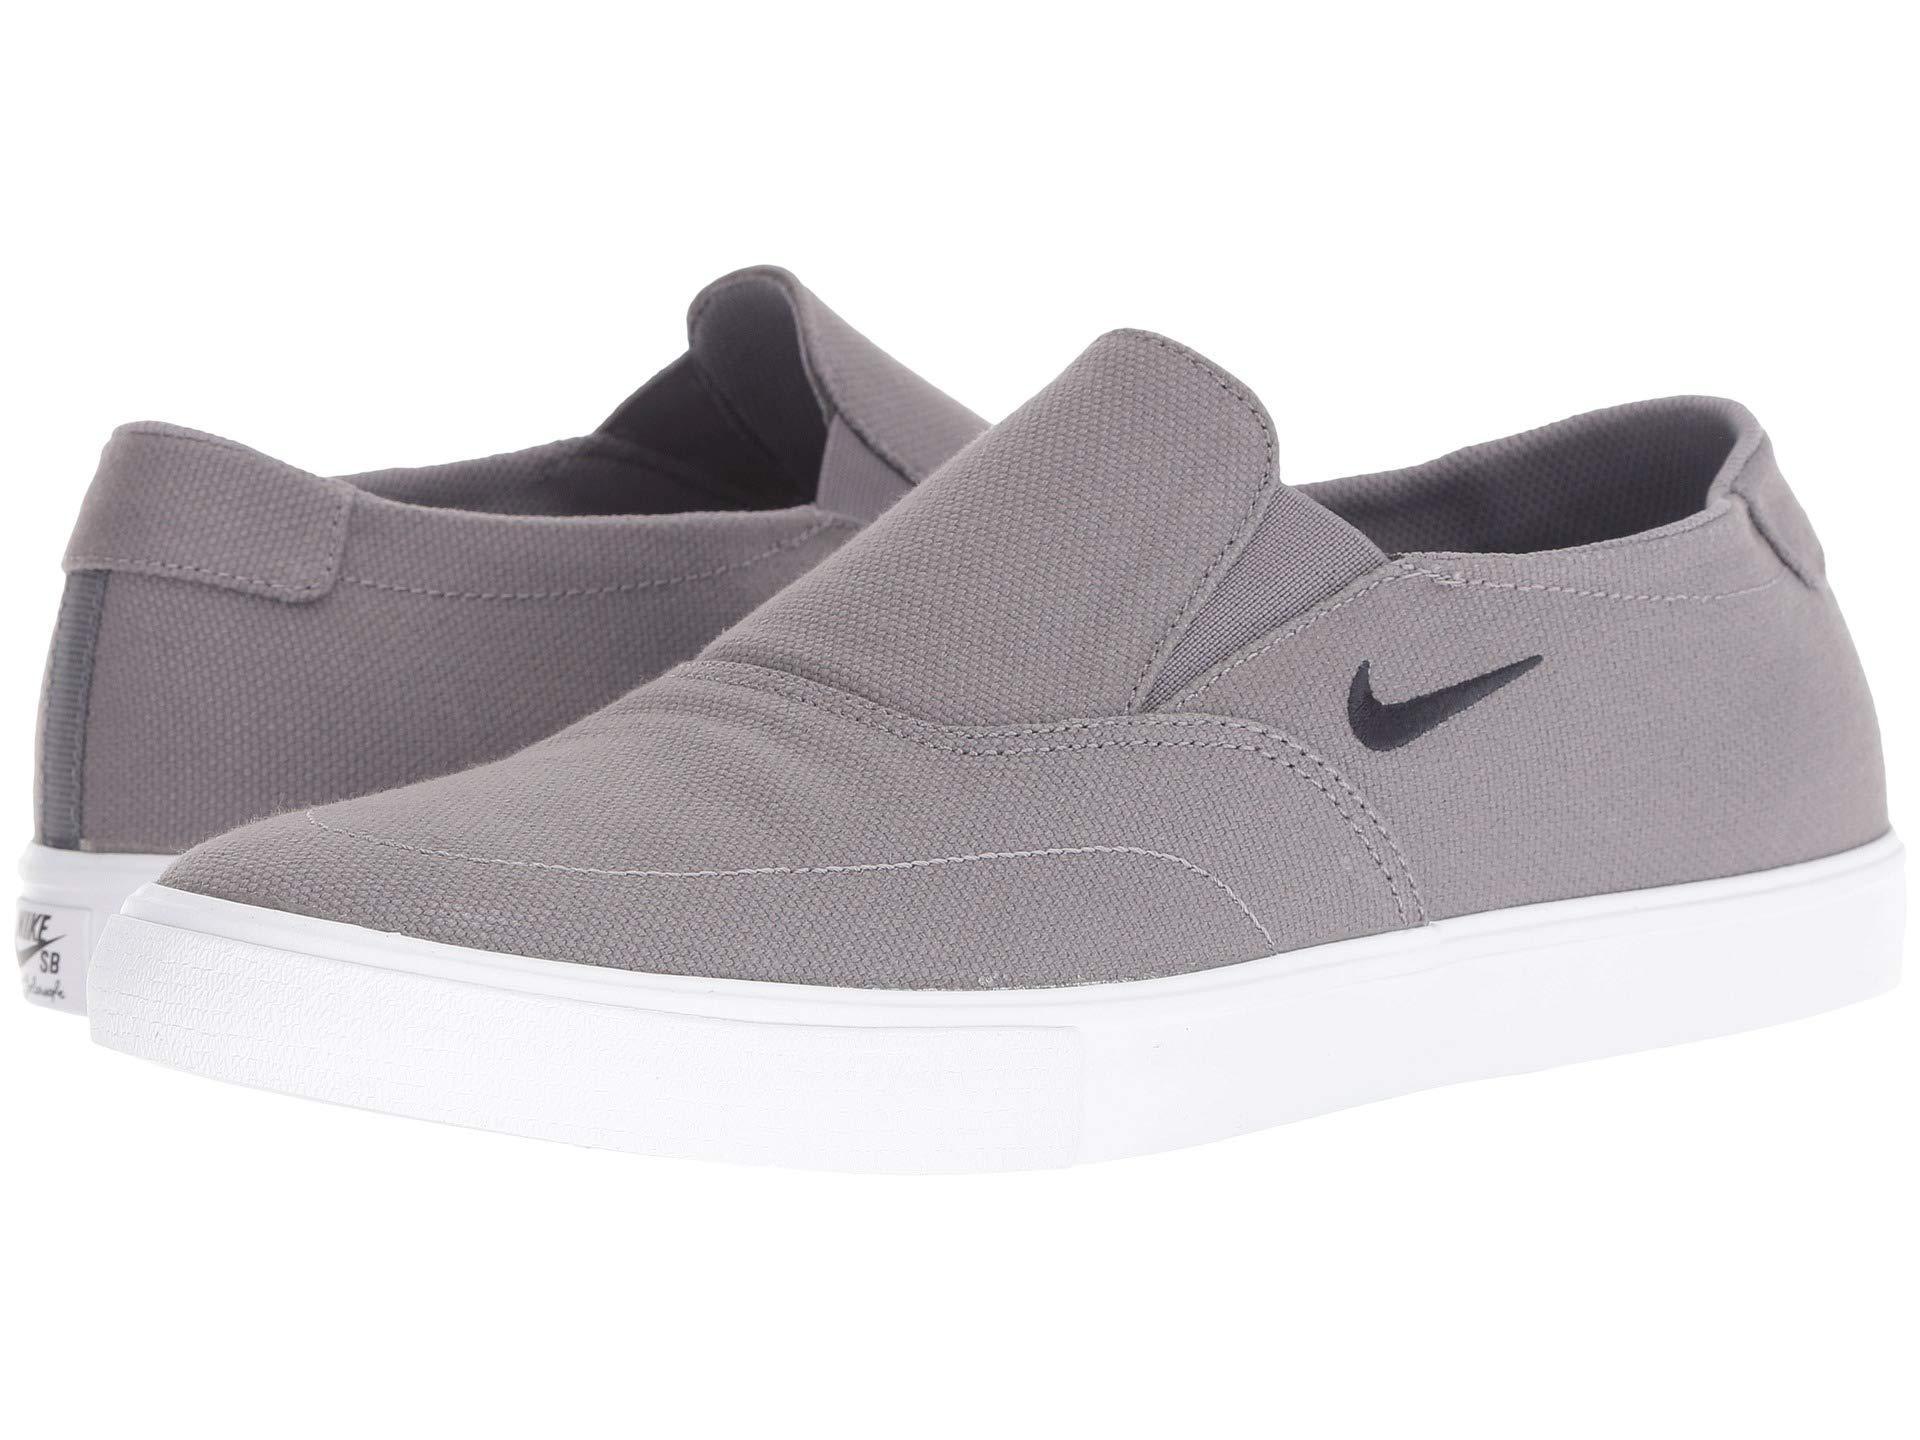 b747159ca1b Nike. Blue Portmore Ii Solarsoft Slip (gunsmoke obsidian white) Men s Skate  Shoes